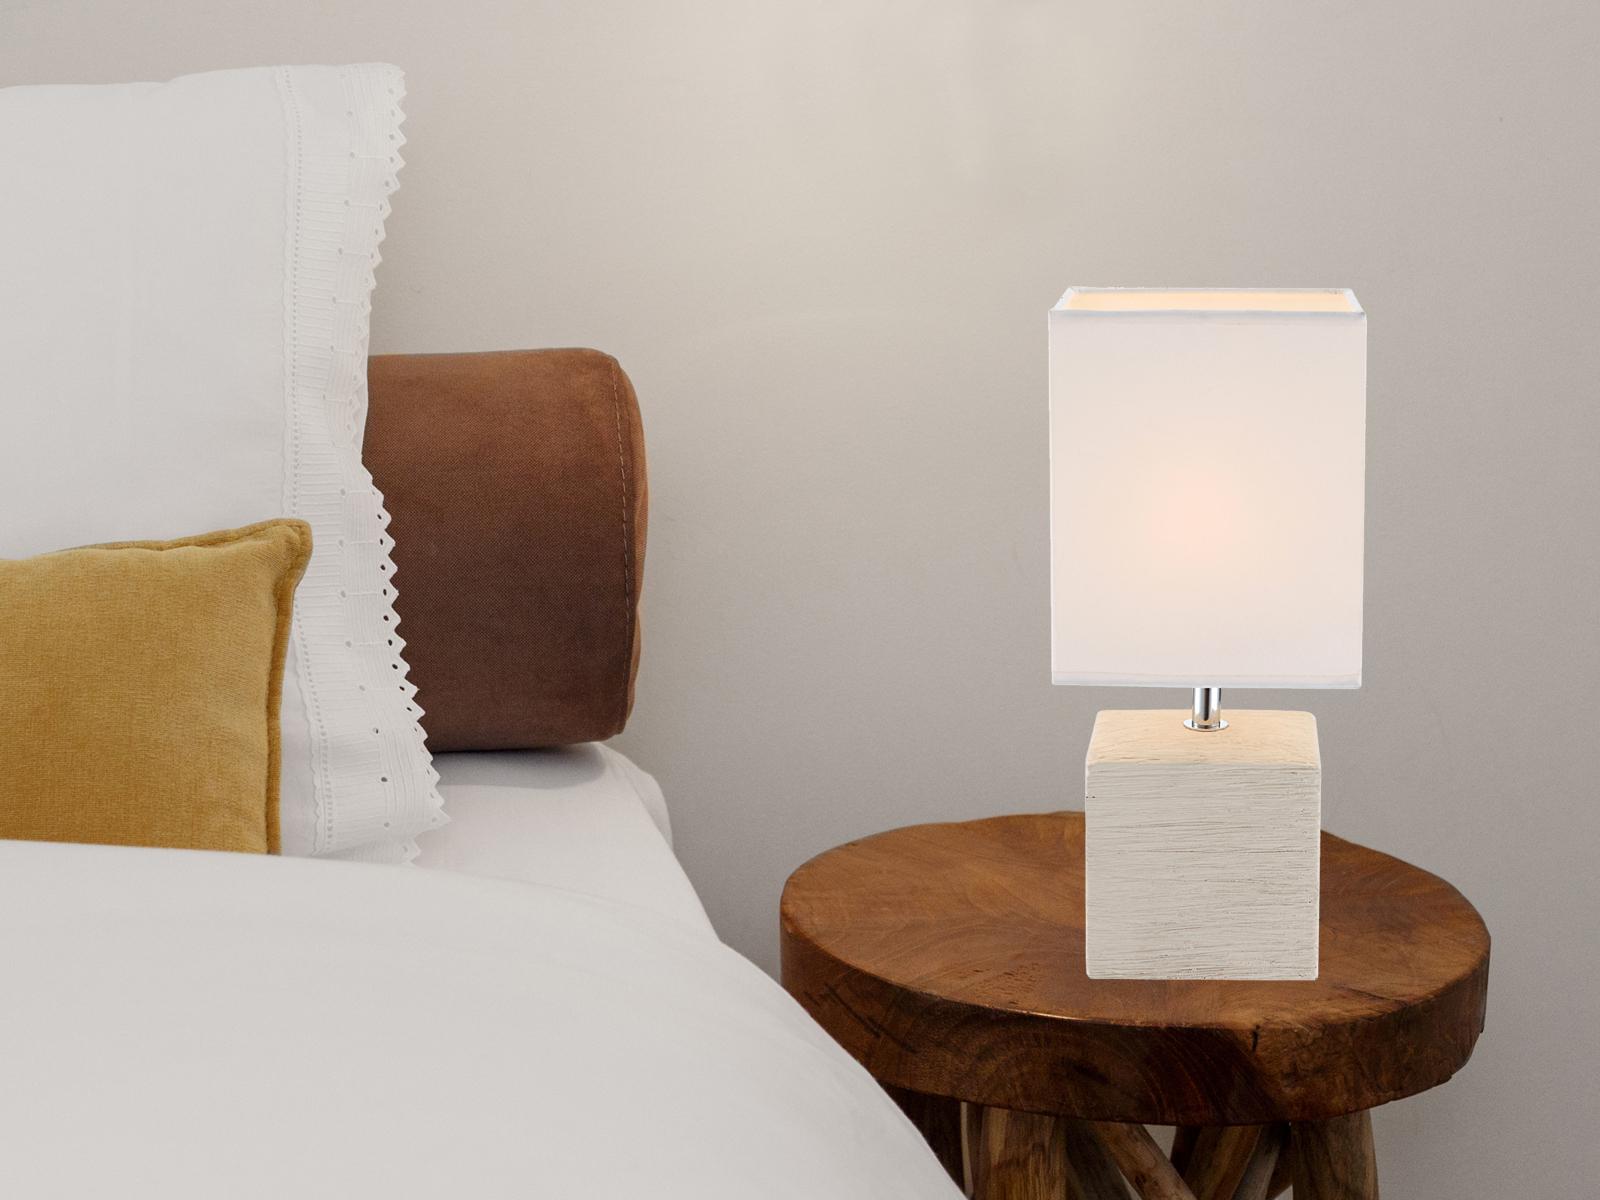 Das Bild Wird Geladen Globo Tischleuchte GERI Keramik Stoff Weiss Kleine Wohnzimmerlampe